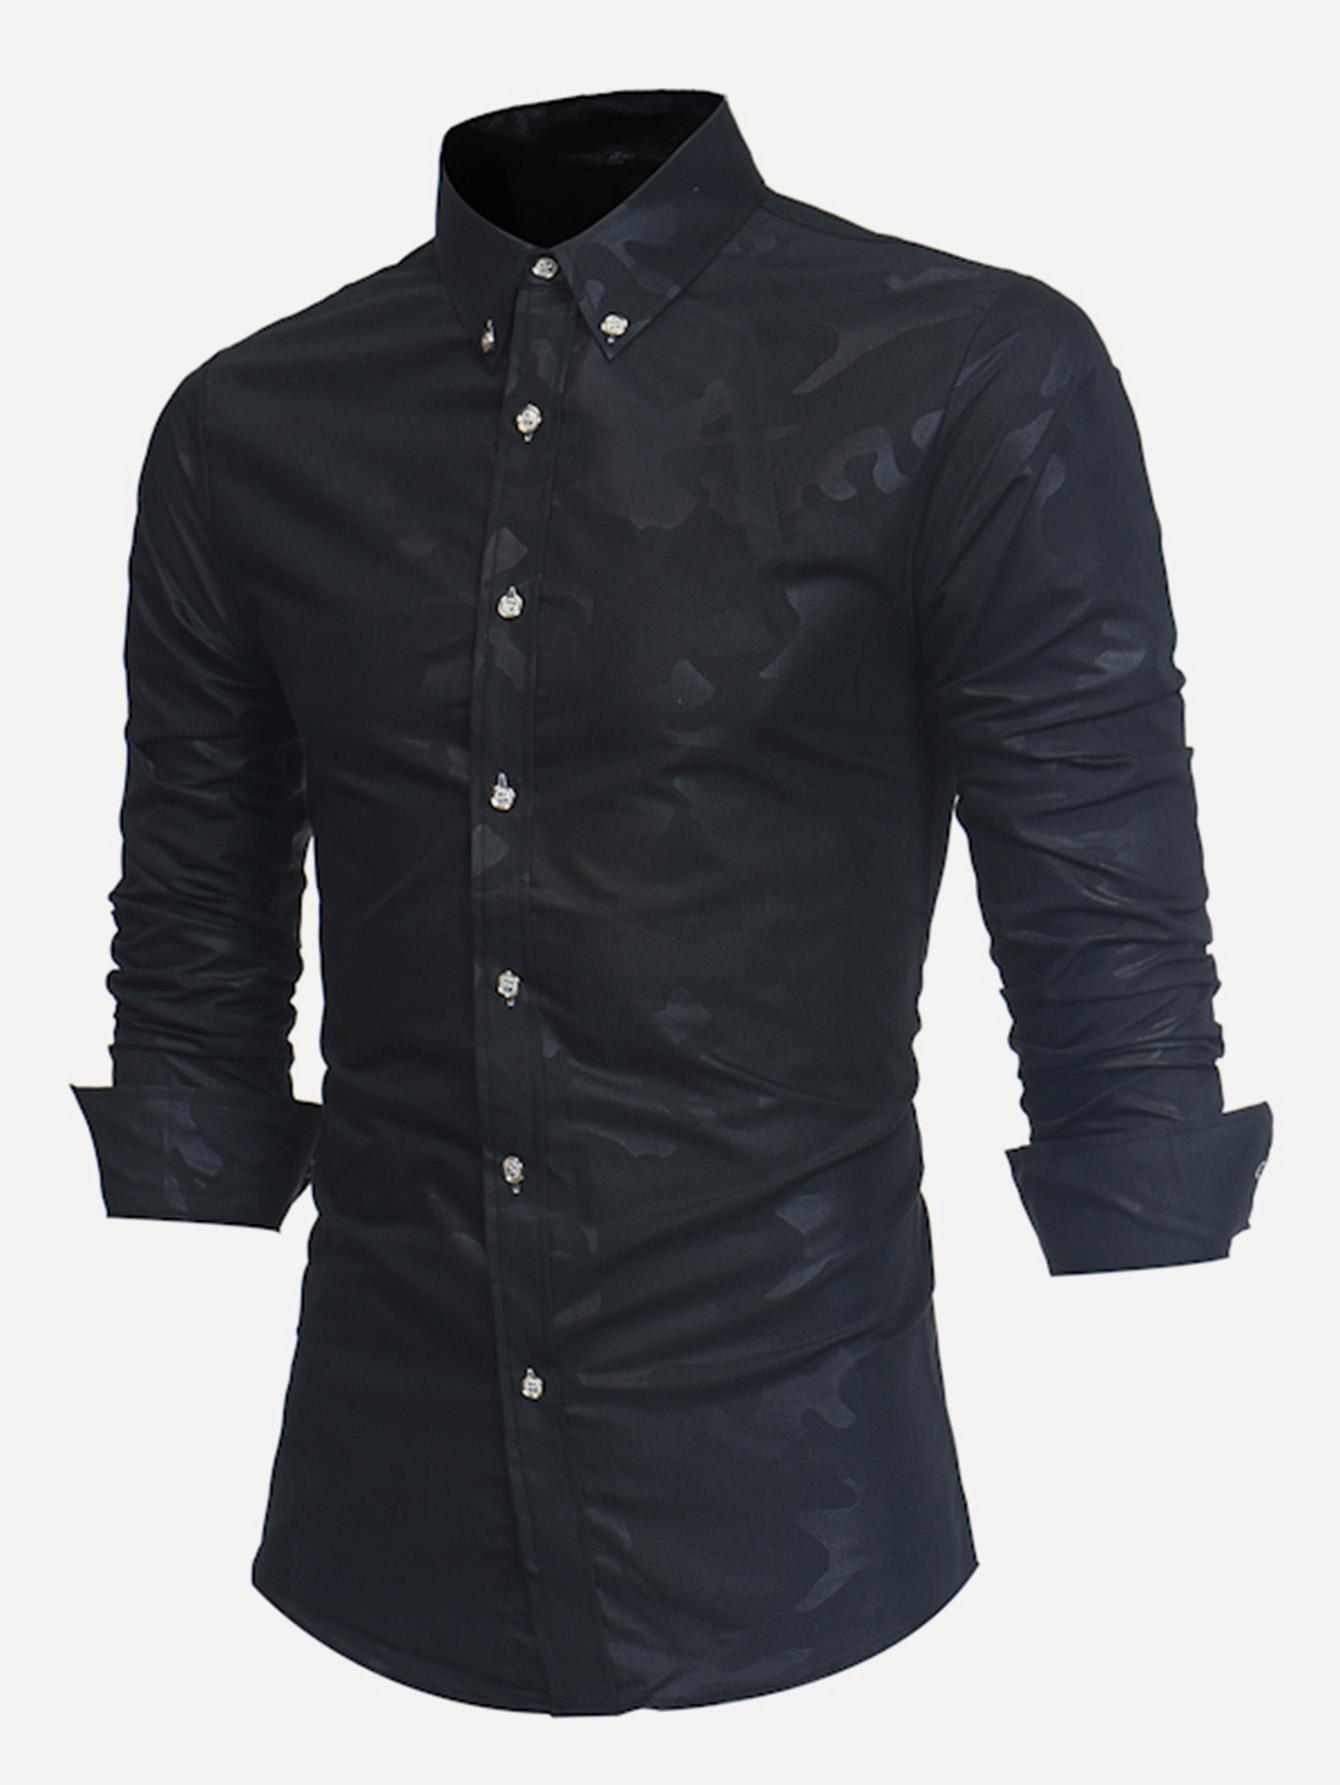 Купить Простая футболка и с украшением пуговицы для мужчины, null, SheIn